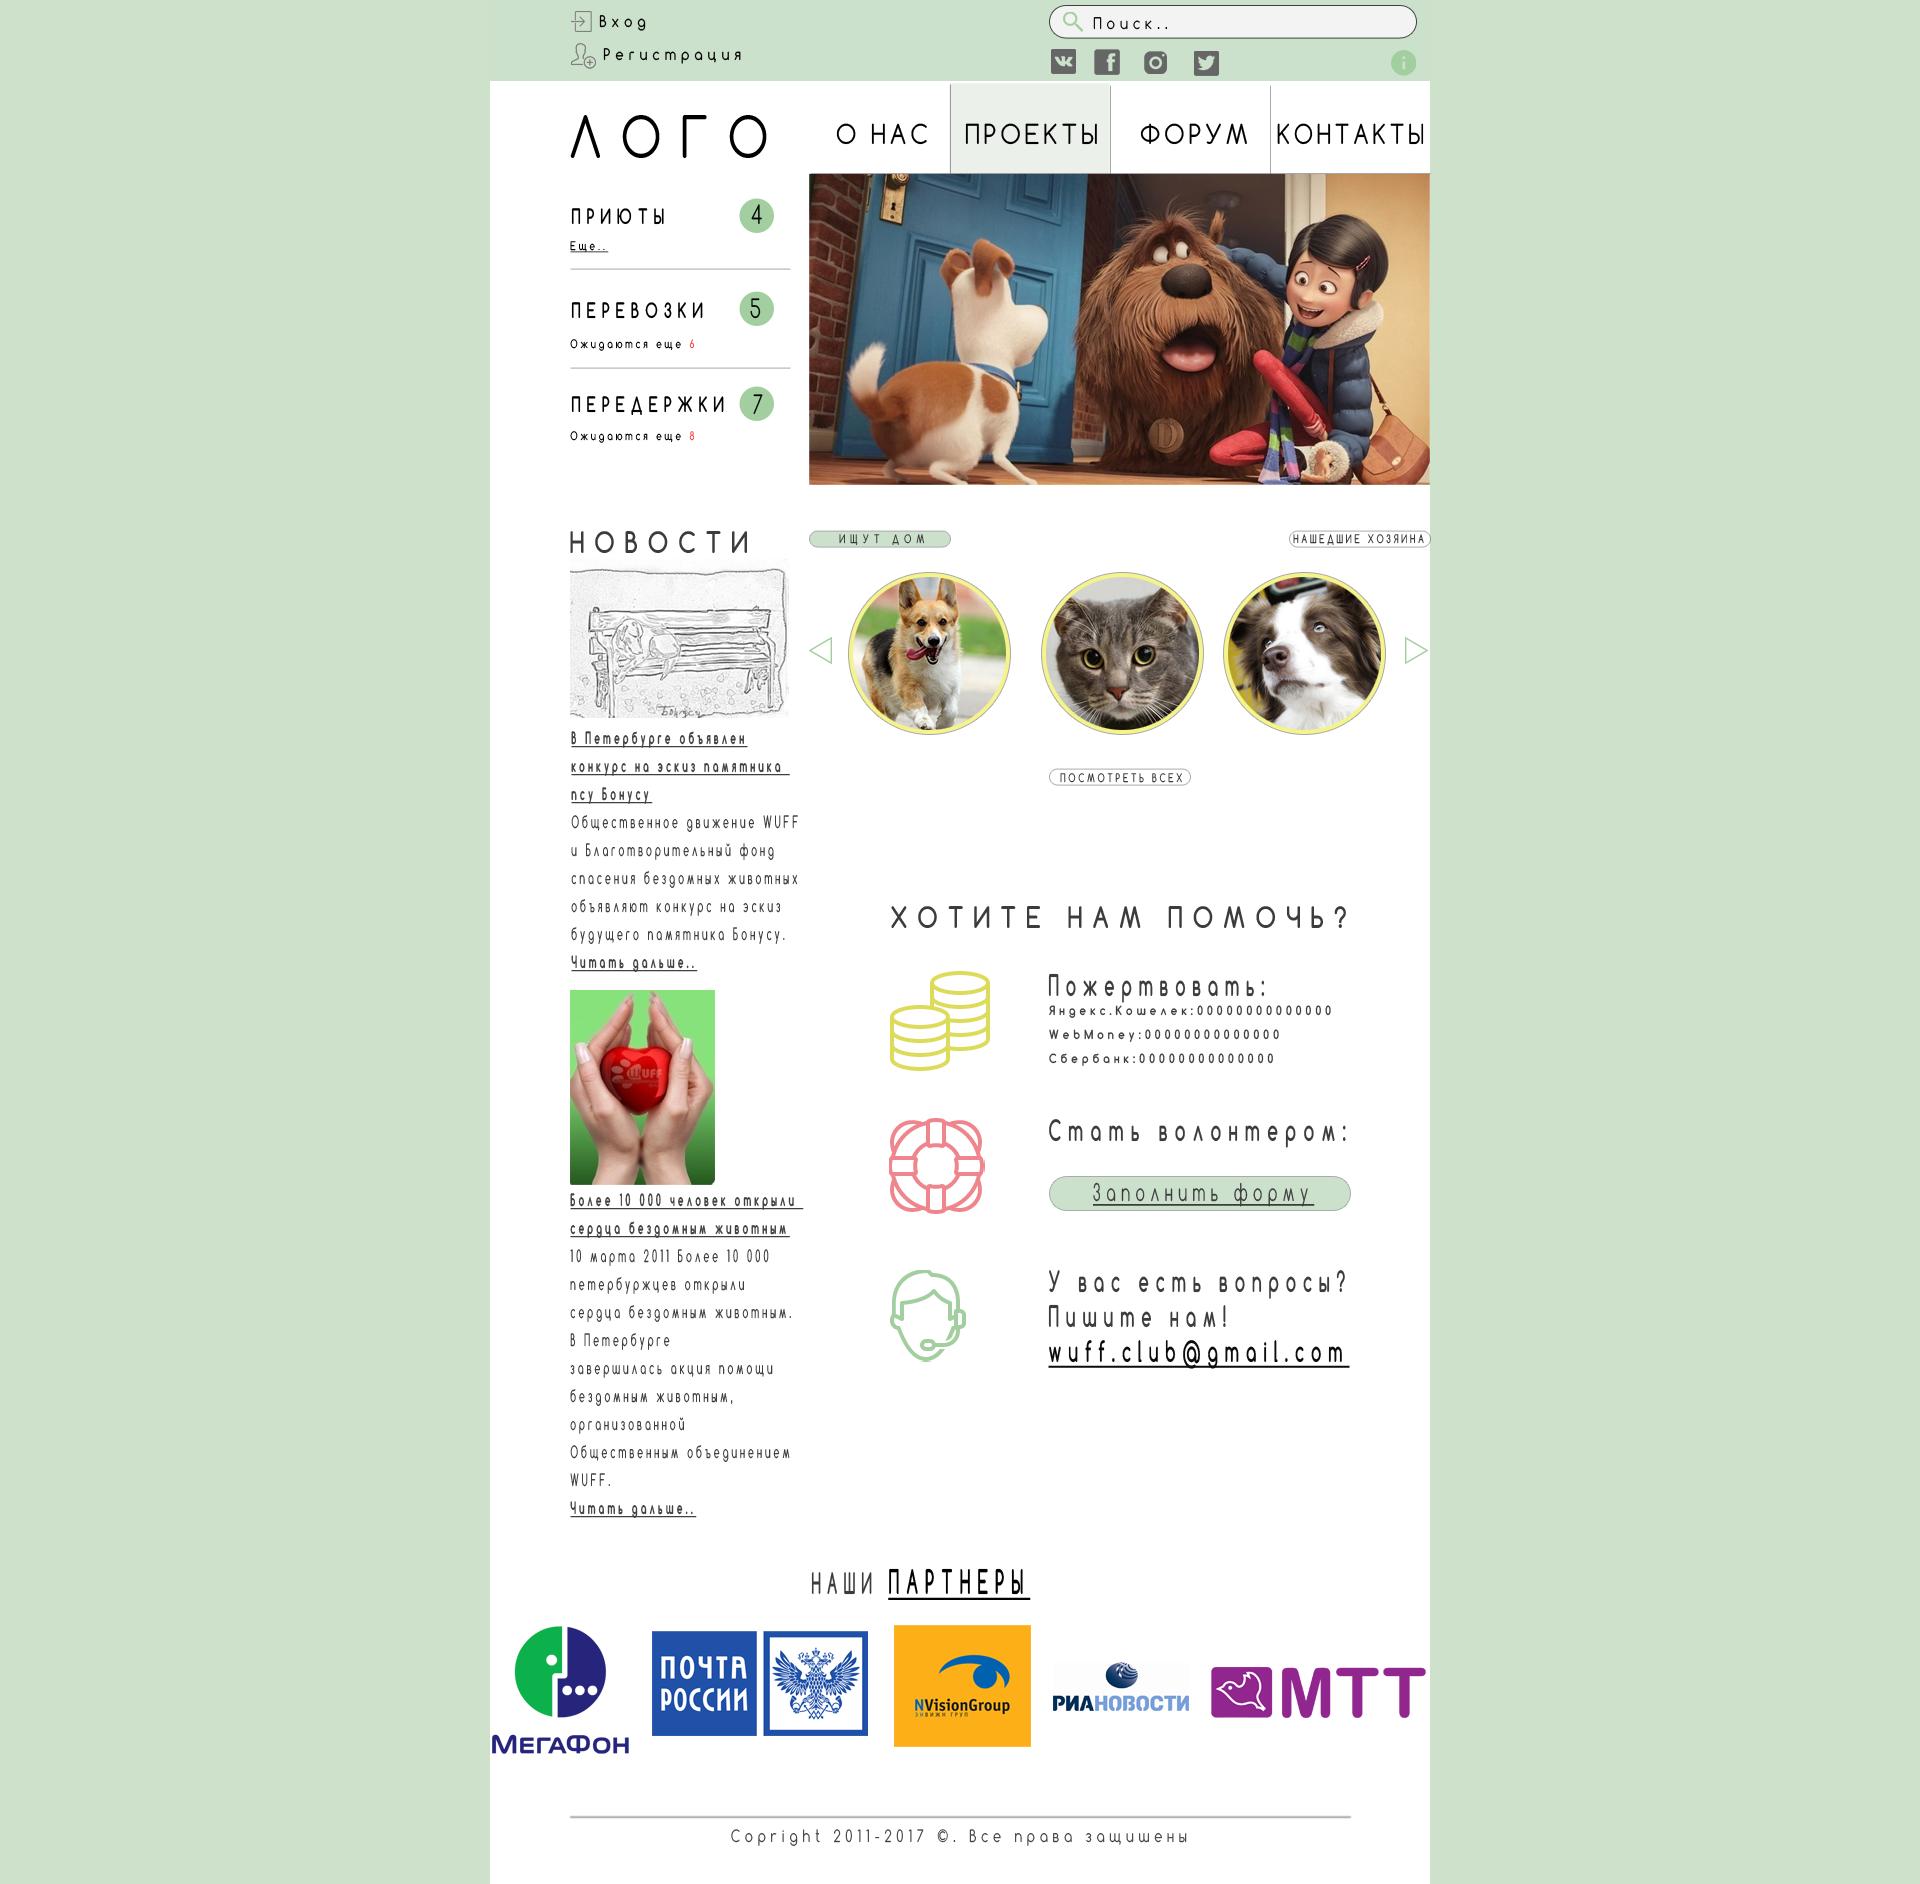 Требуется разработать дизайн сайта помощи бездомным животным фото f_8155876a7188ca64.png